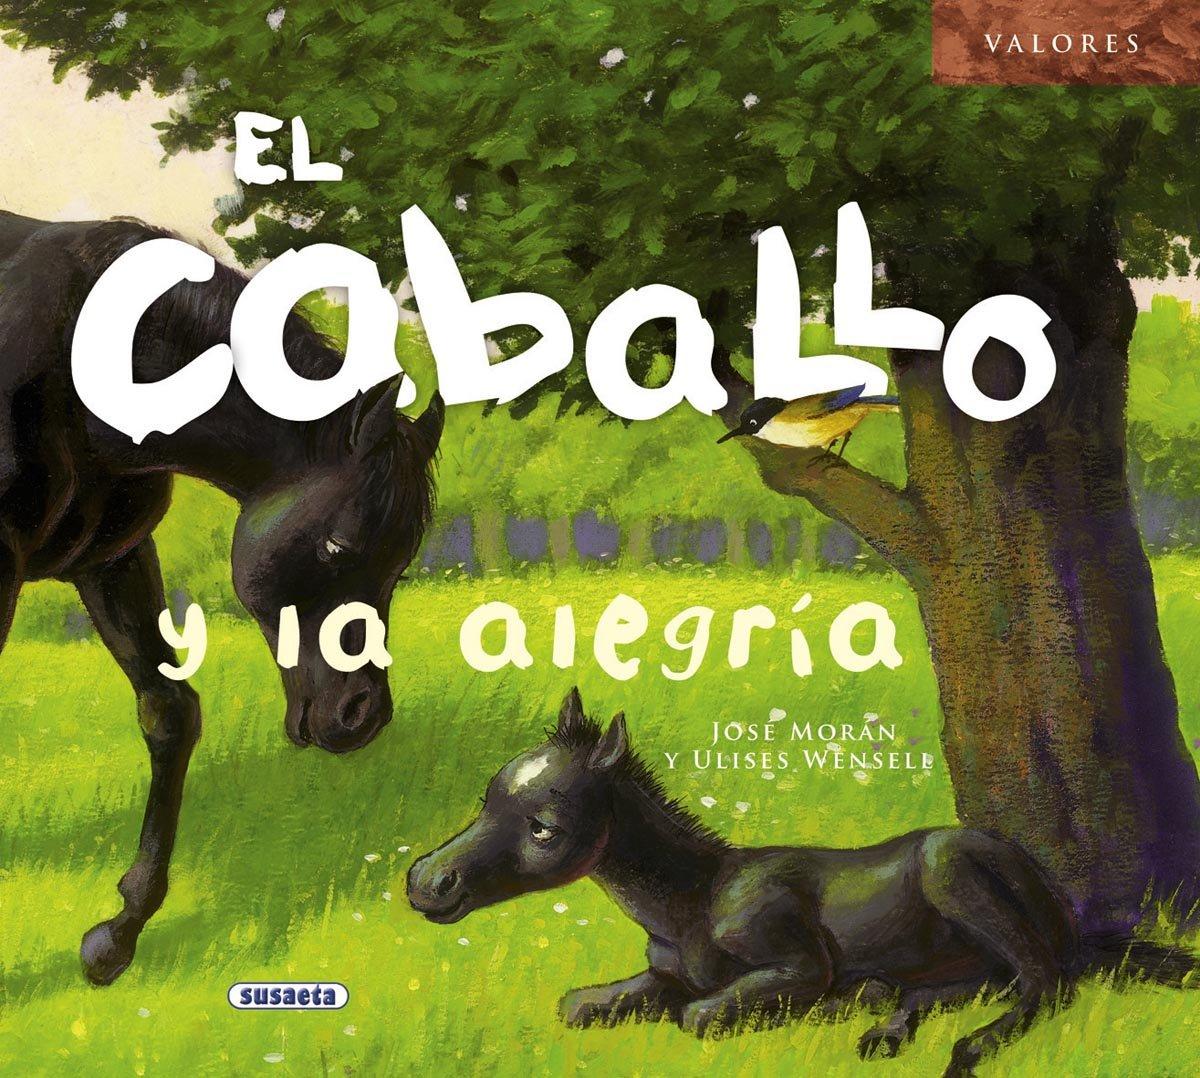 El caballo y la alegría (Valores): Amazon.es: Morán, José, WENSEL CAÑAVERAS, ULISES: Libros